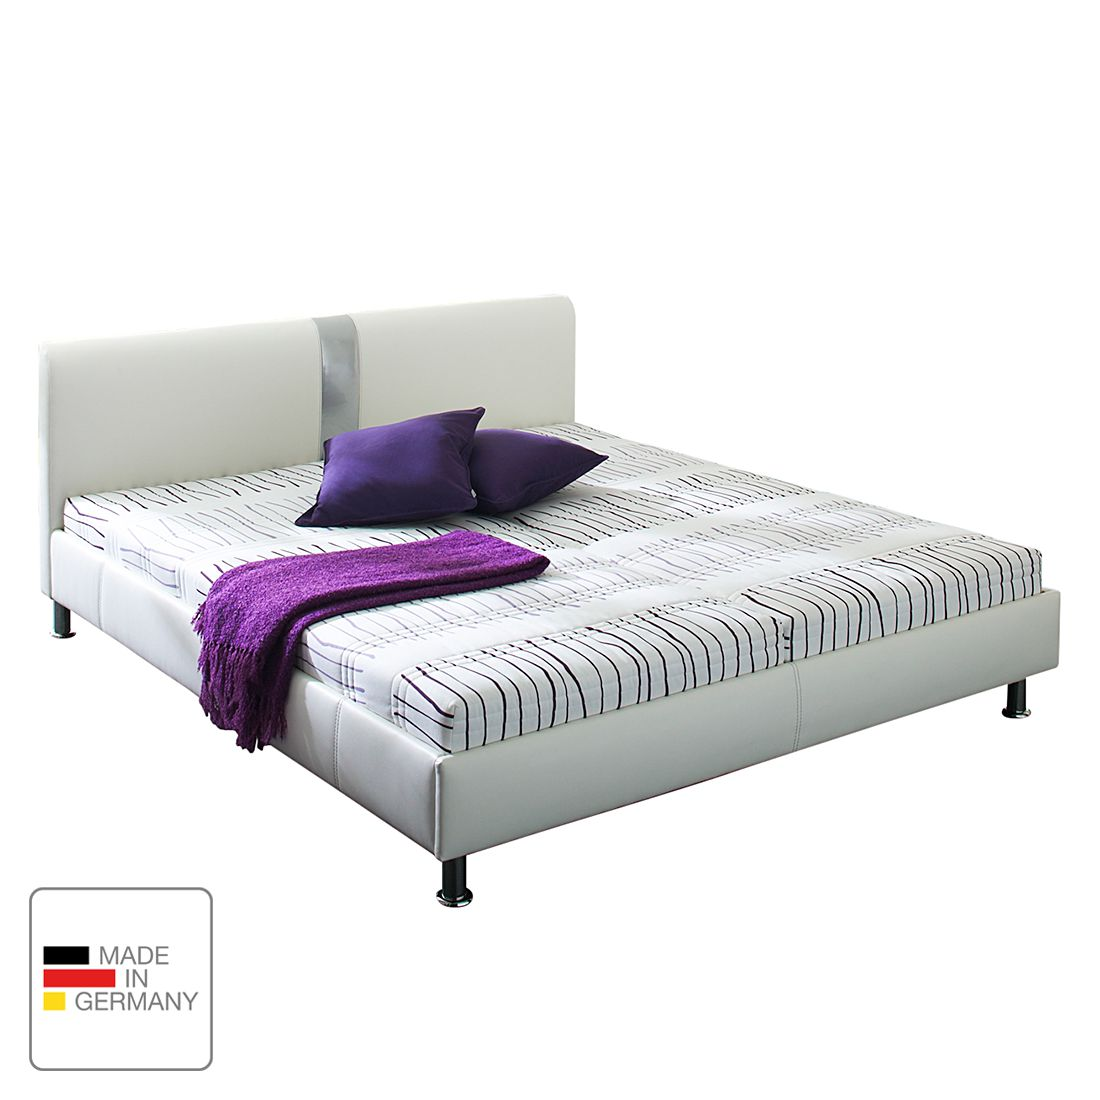 einzelbett ohne lattenrost preis vergleich 2016. Black Bedroom Furniture Sets. Home Design Ideas